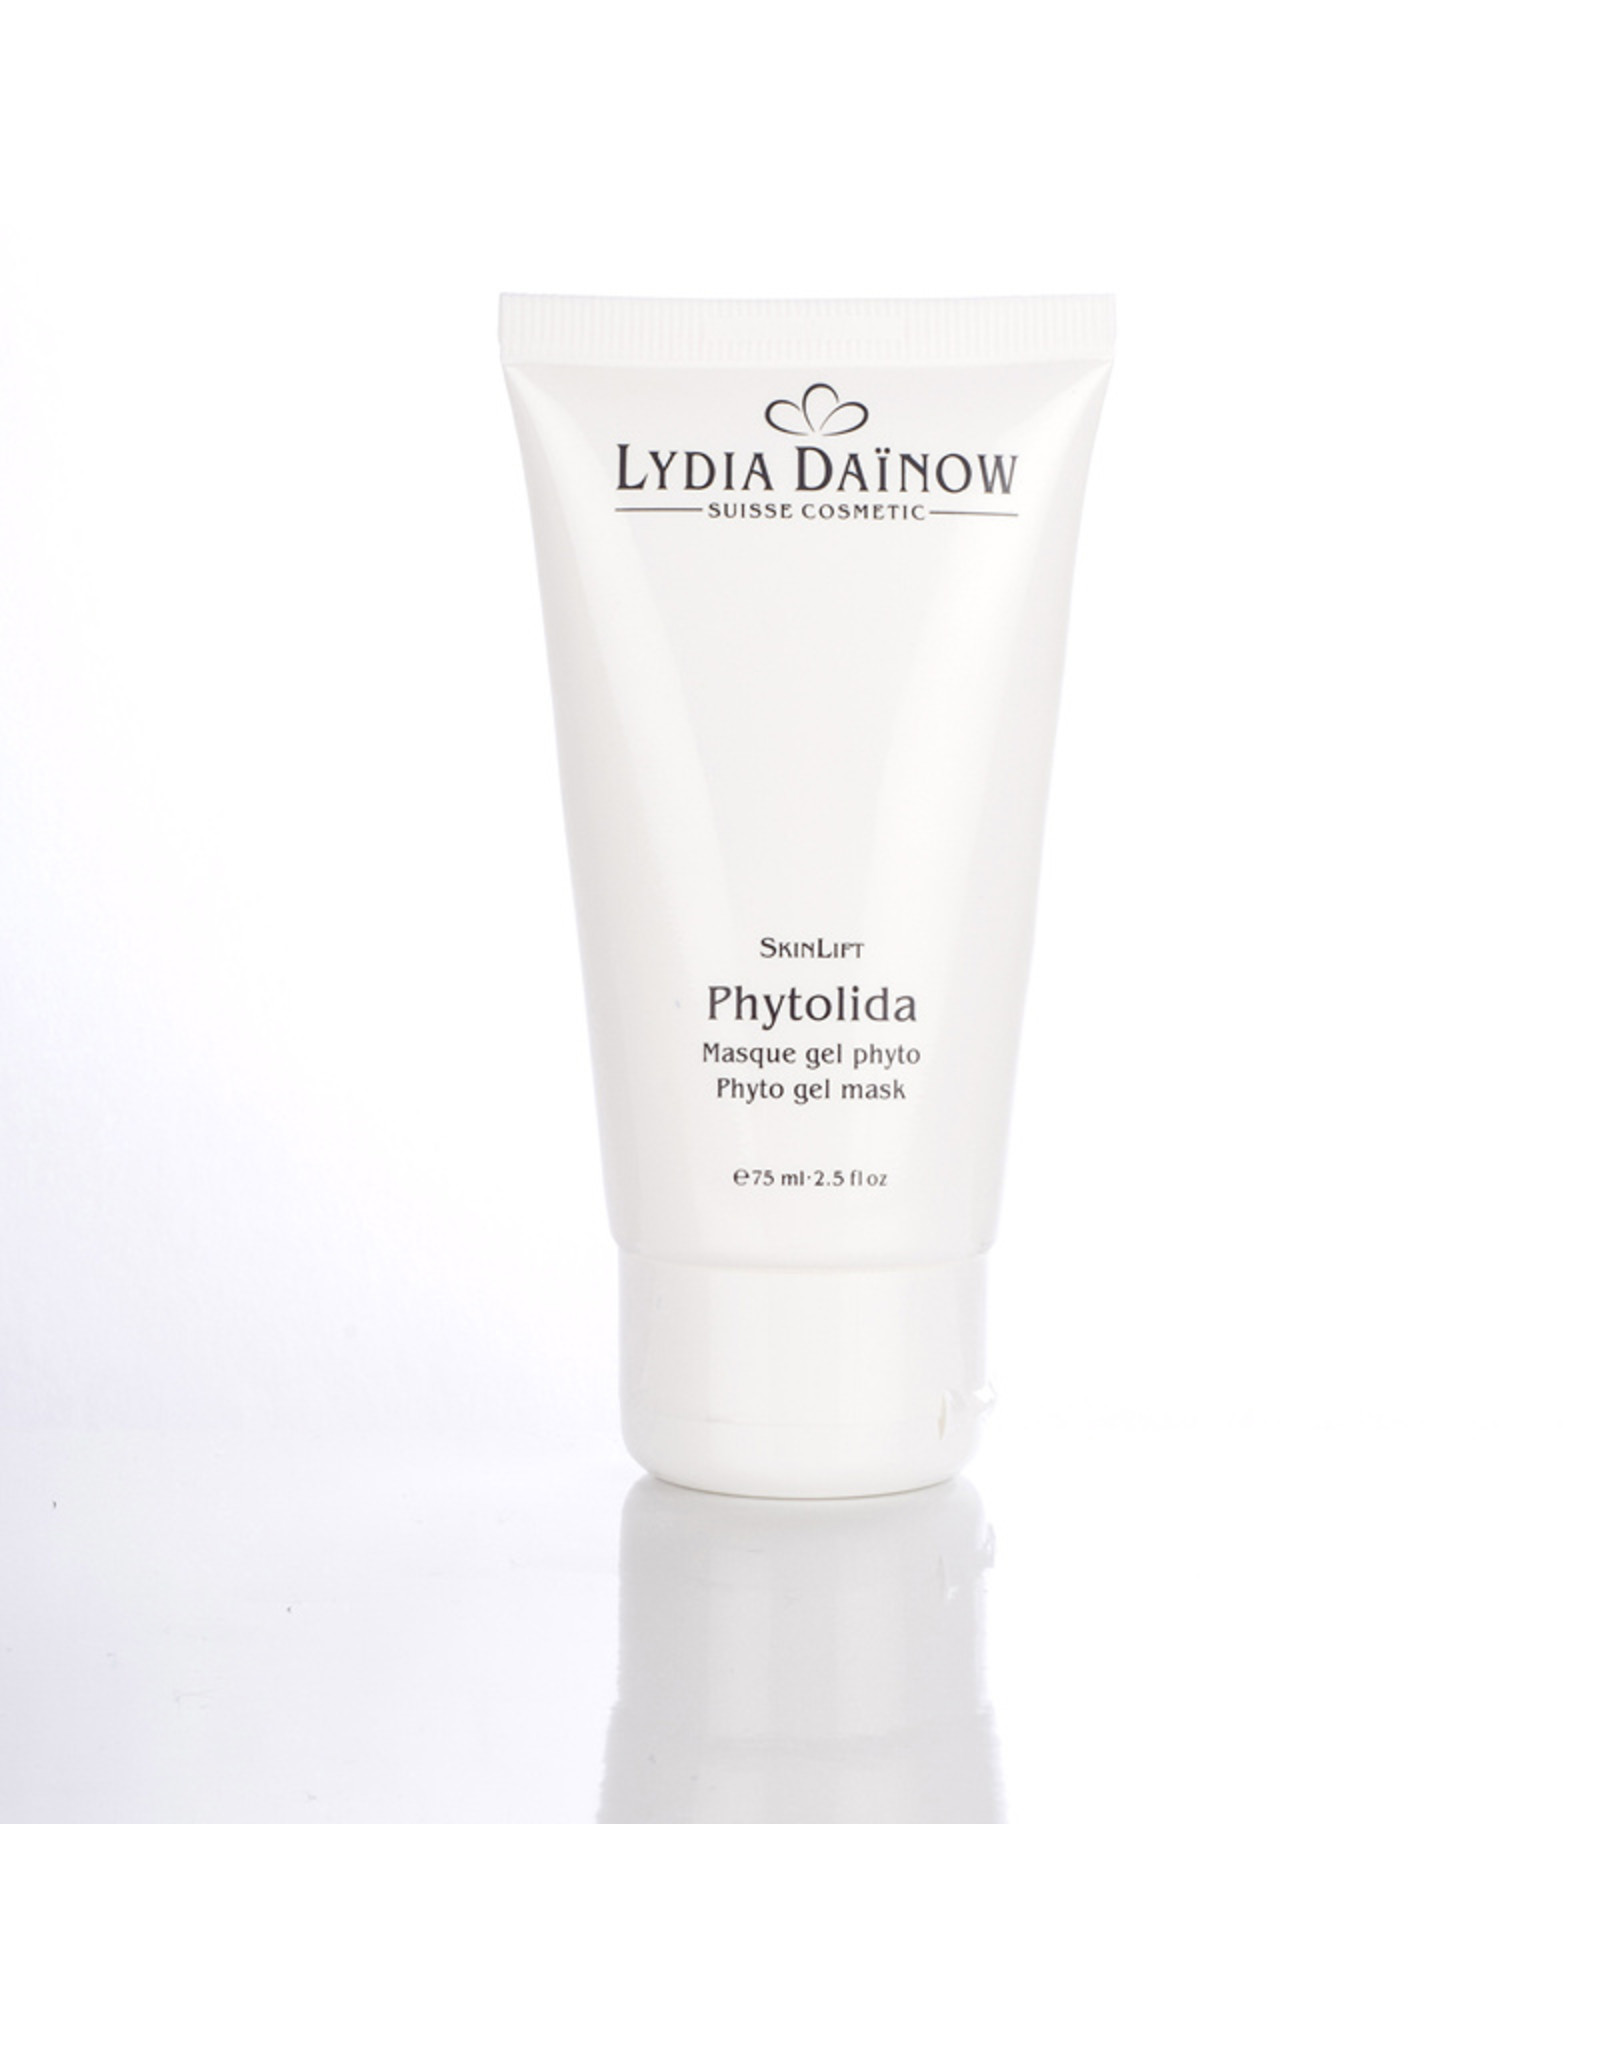 Lydïa Dainow Phytolida -Firming  gel mask